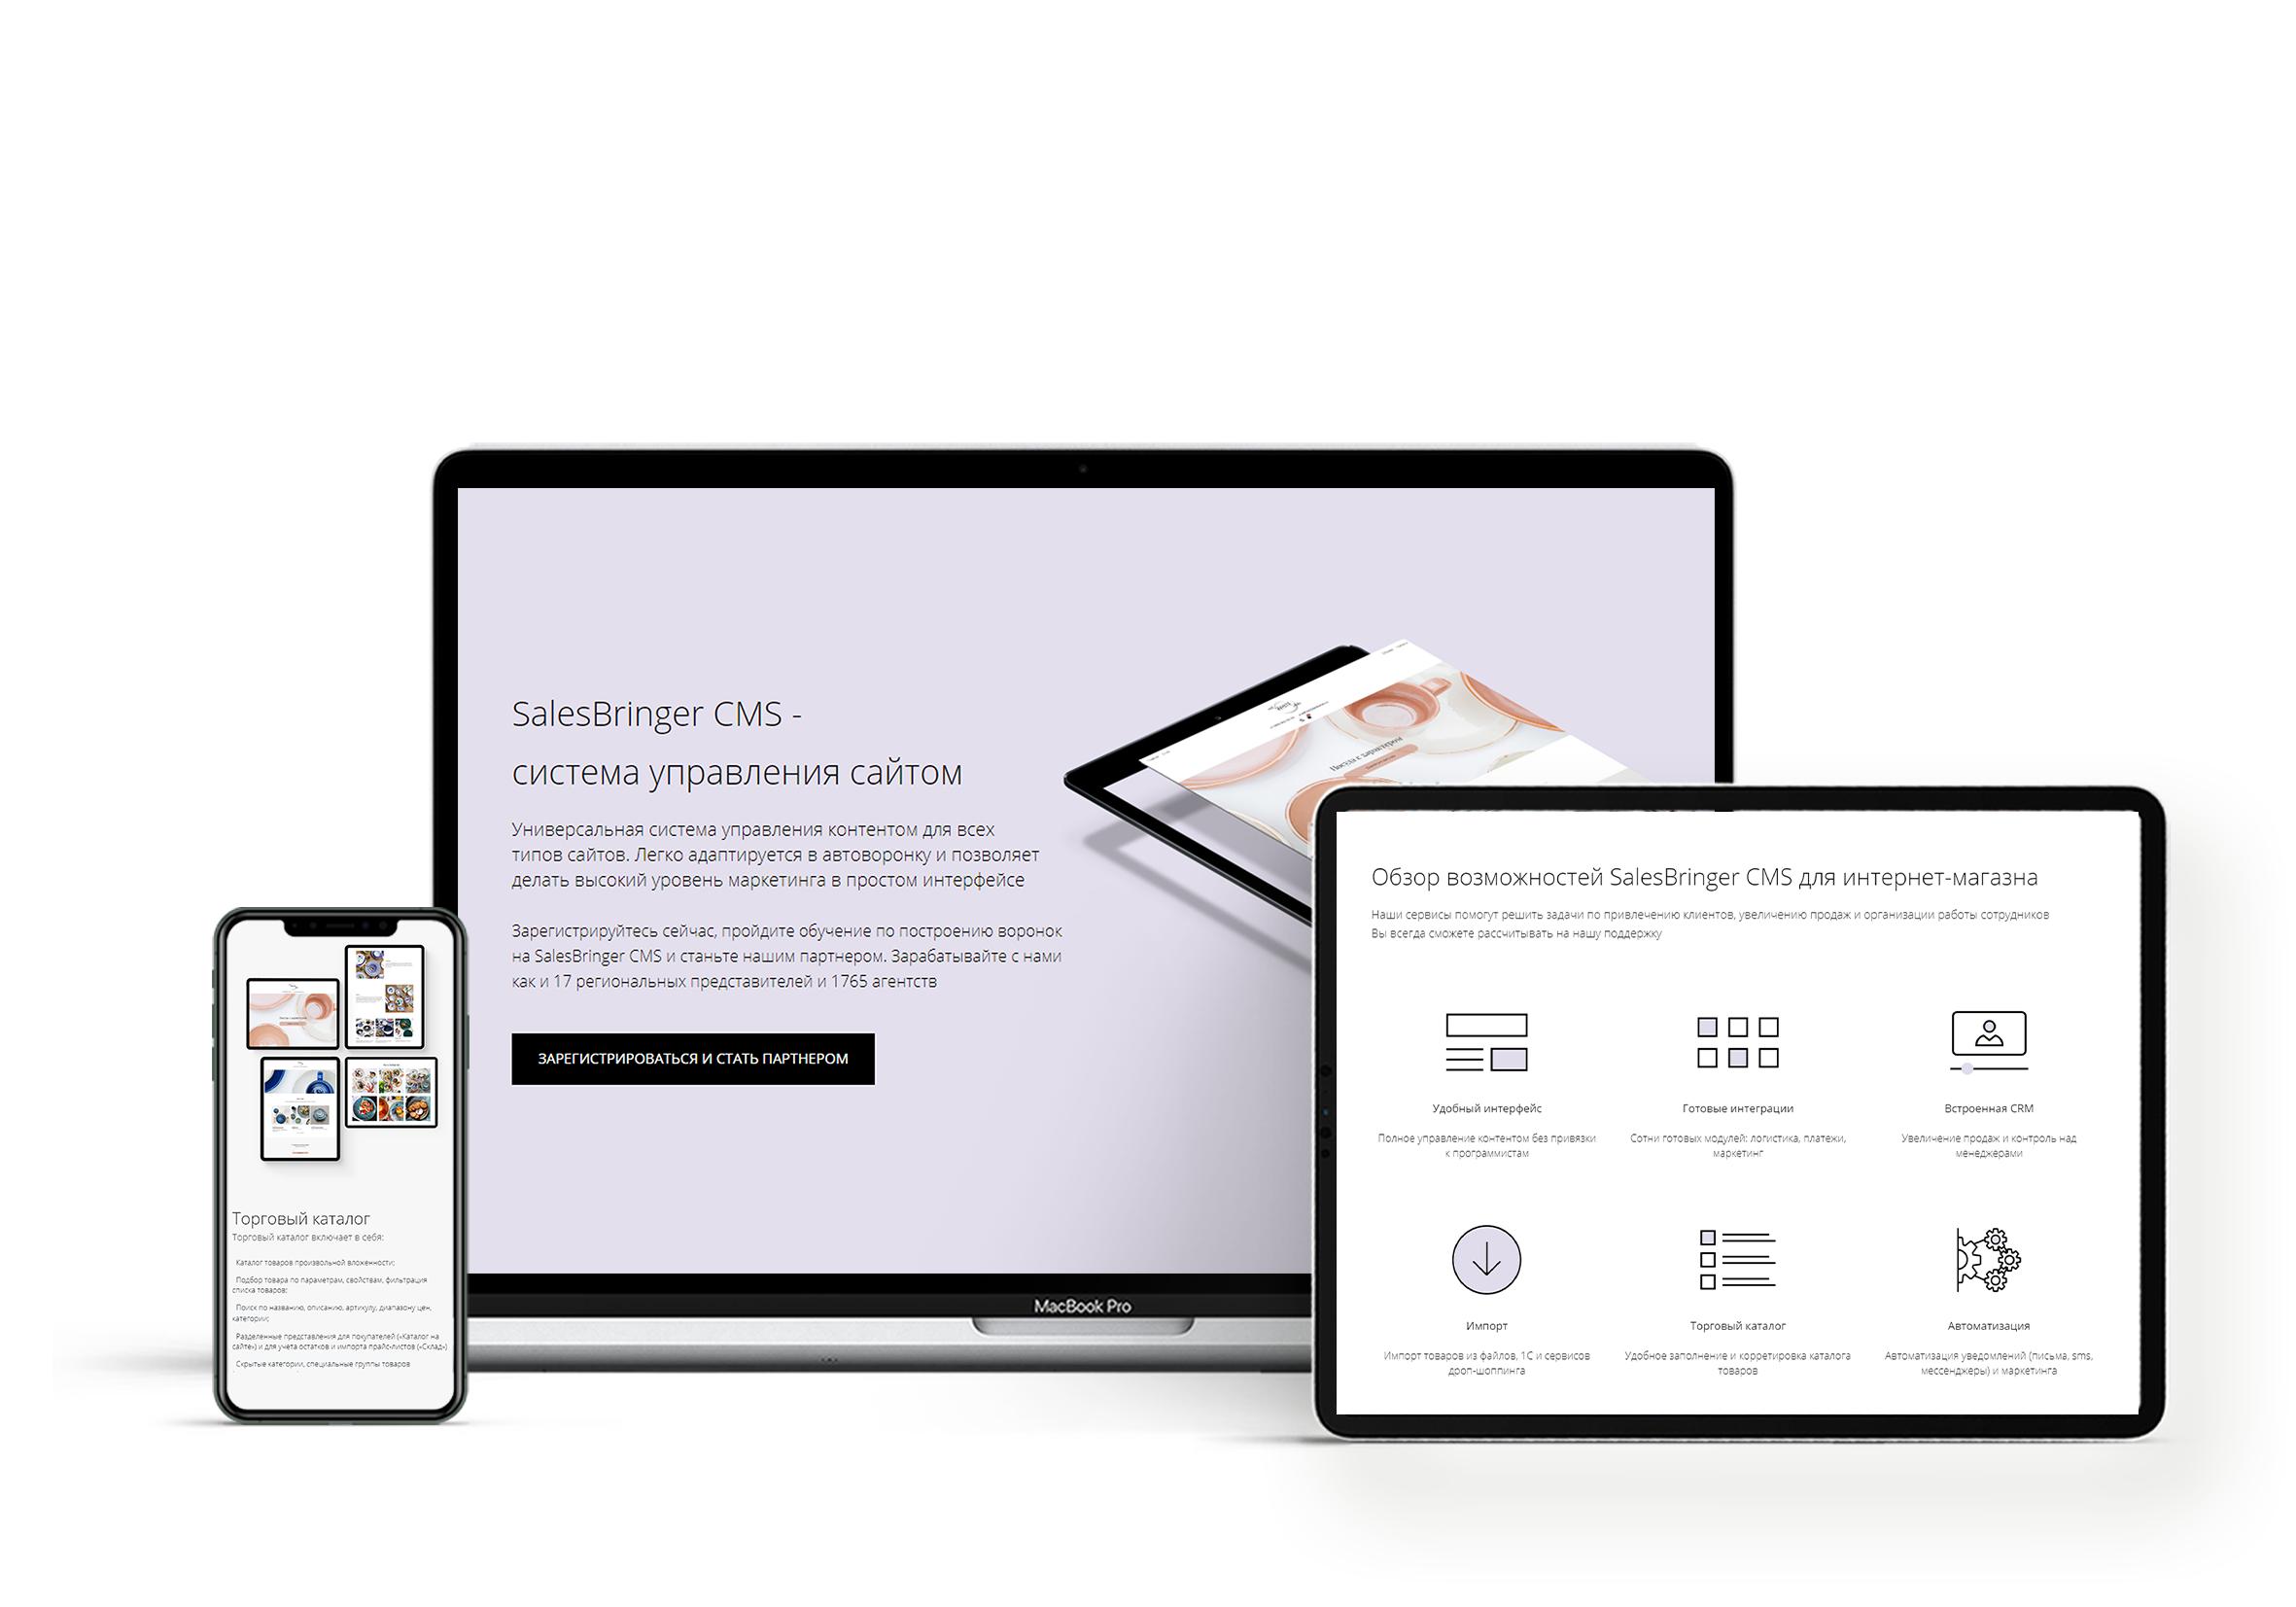 Интеграция с сайтами, интернет-магазинами на 50+ платформах